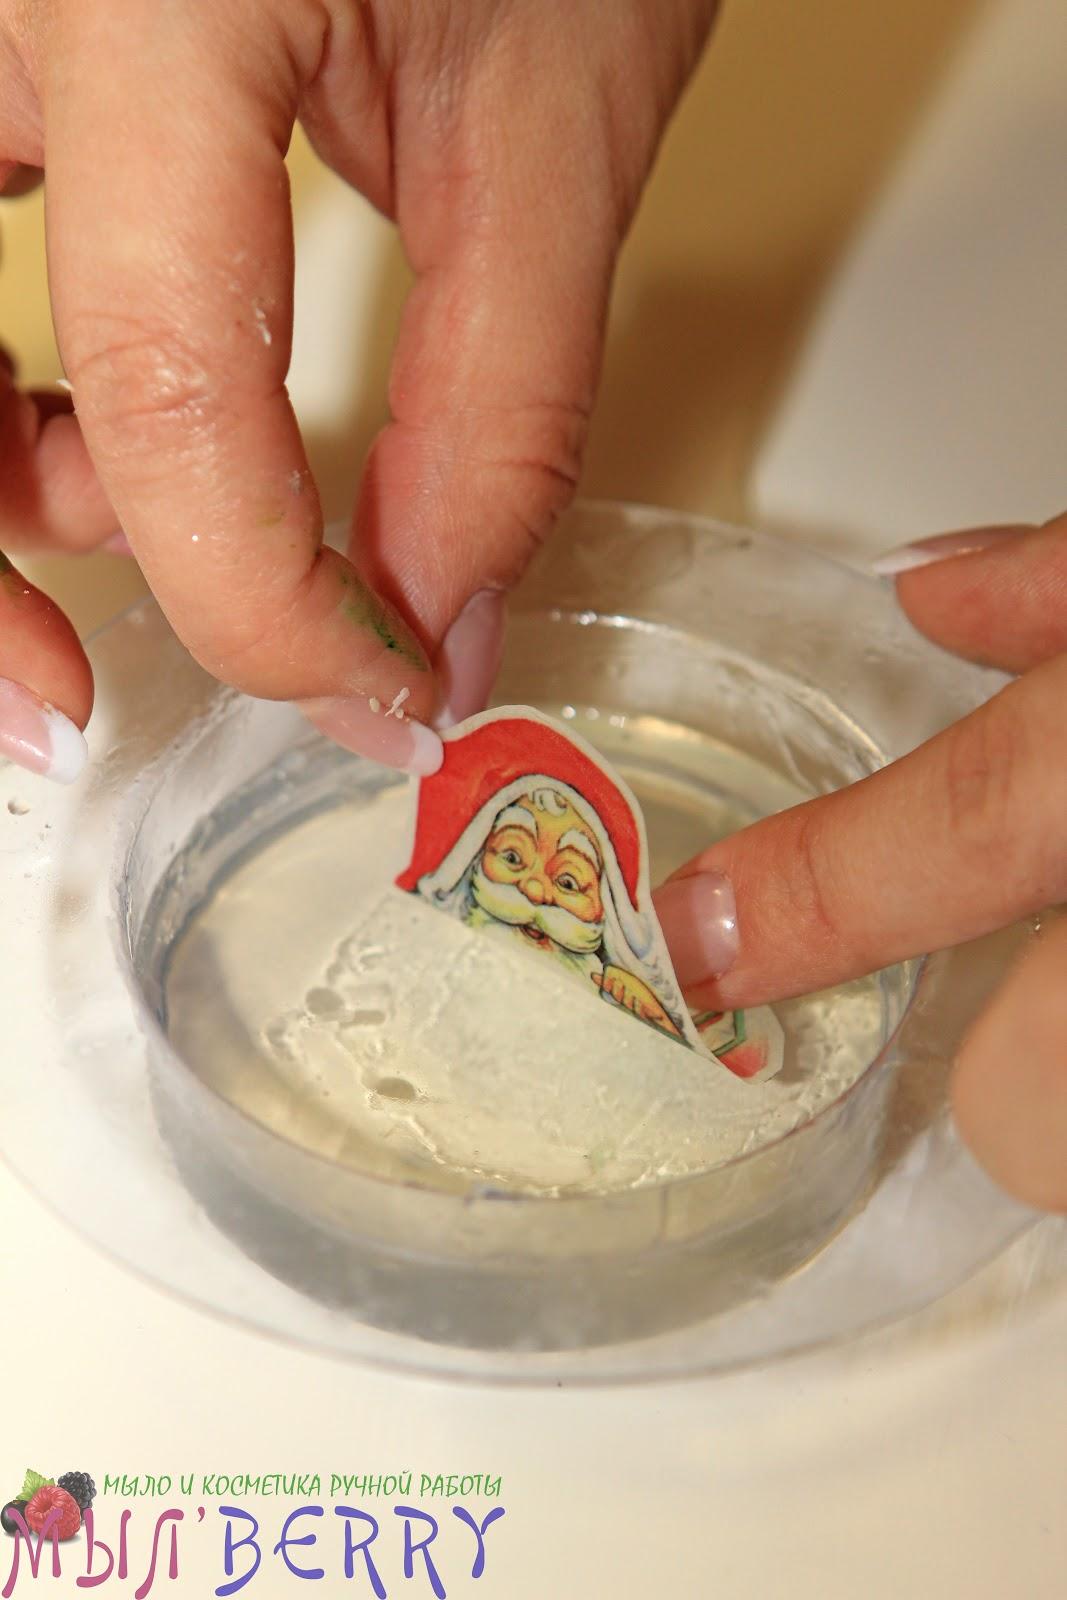 Как сделать мыло с картинкой